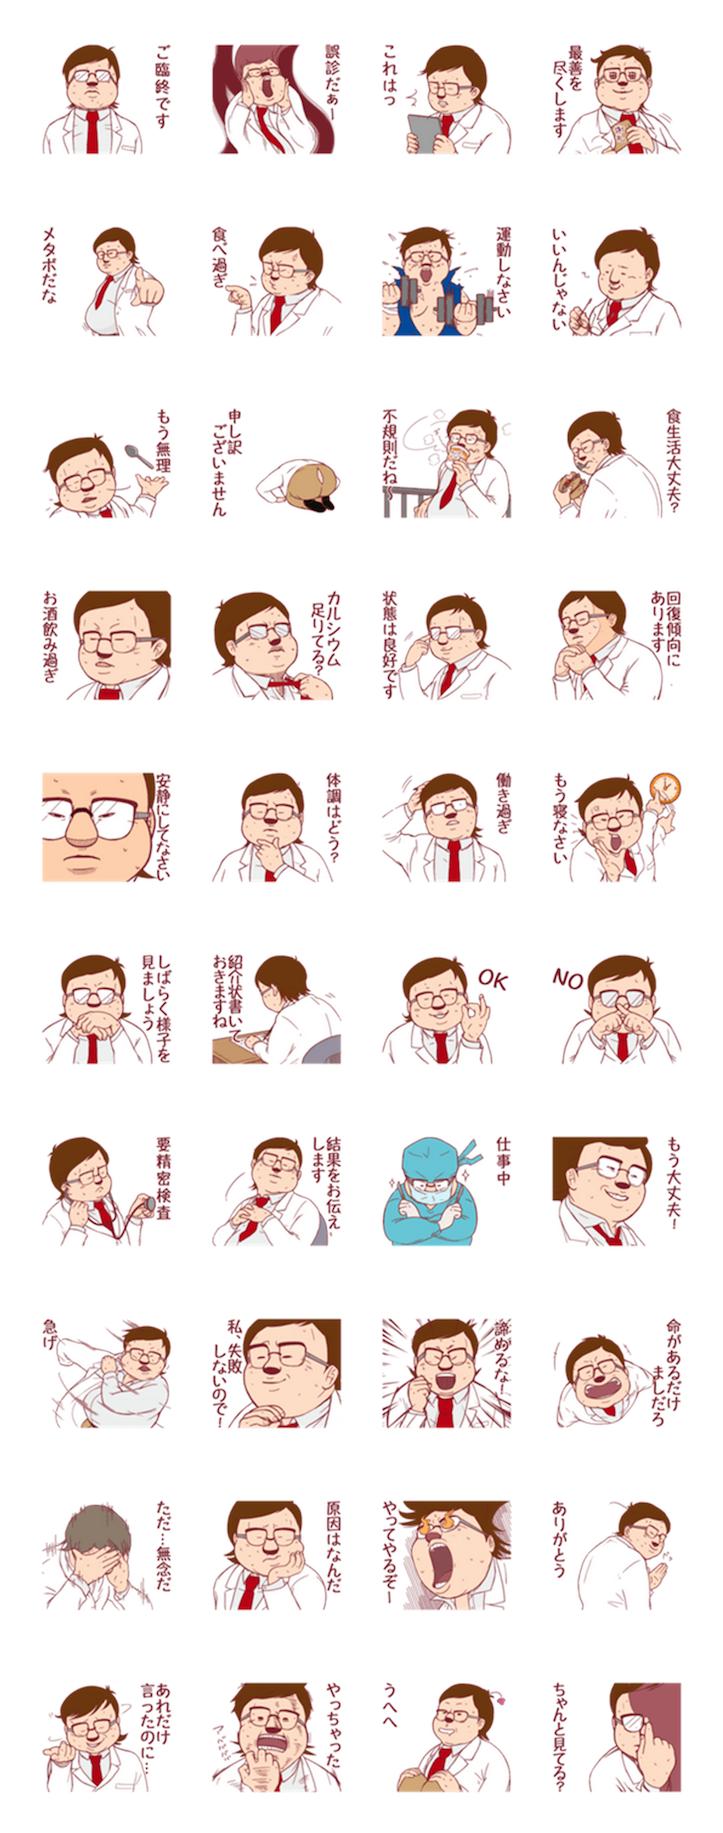 職業シリーズ第二弾~医者編~